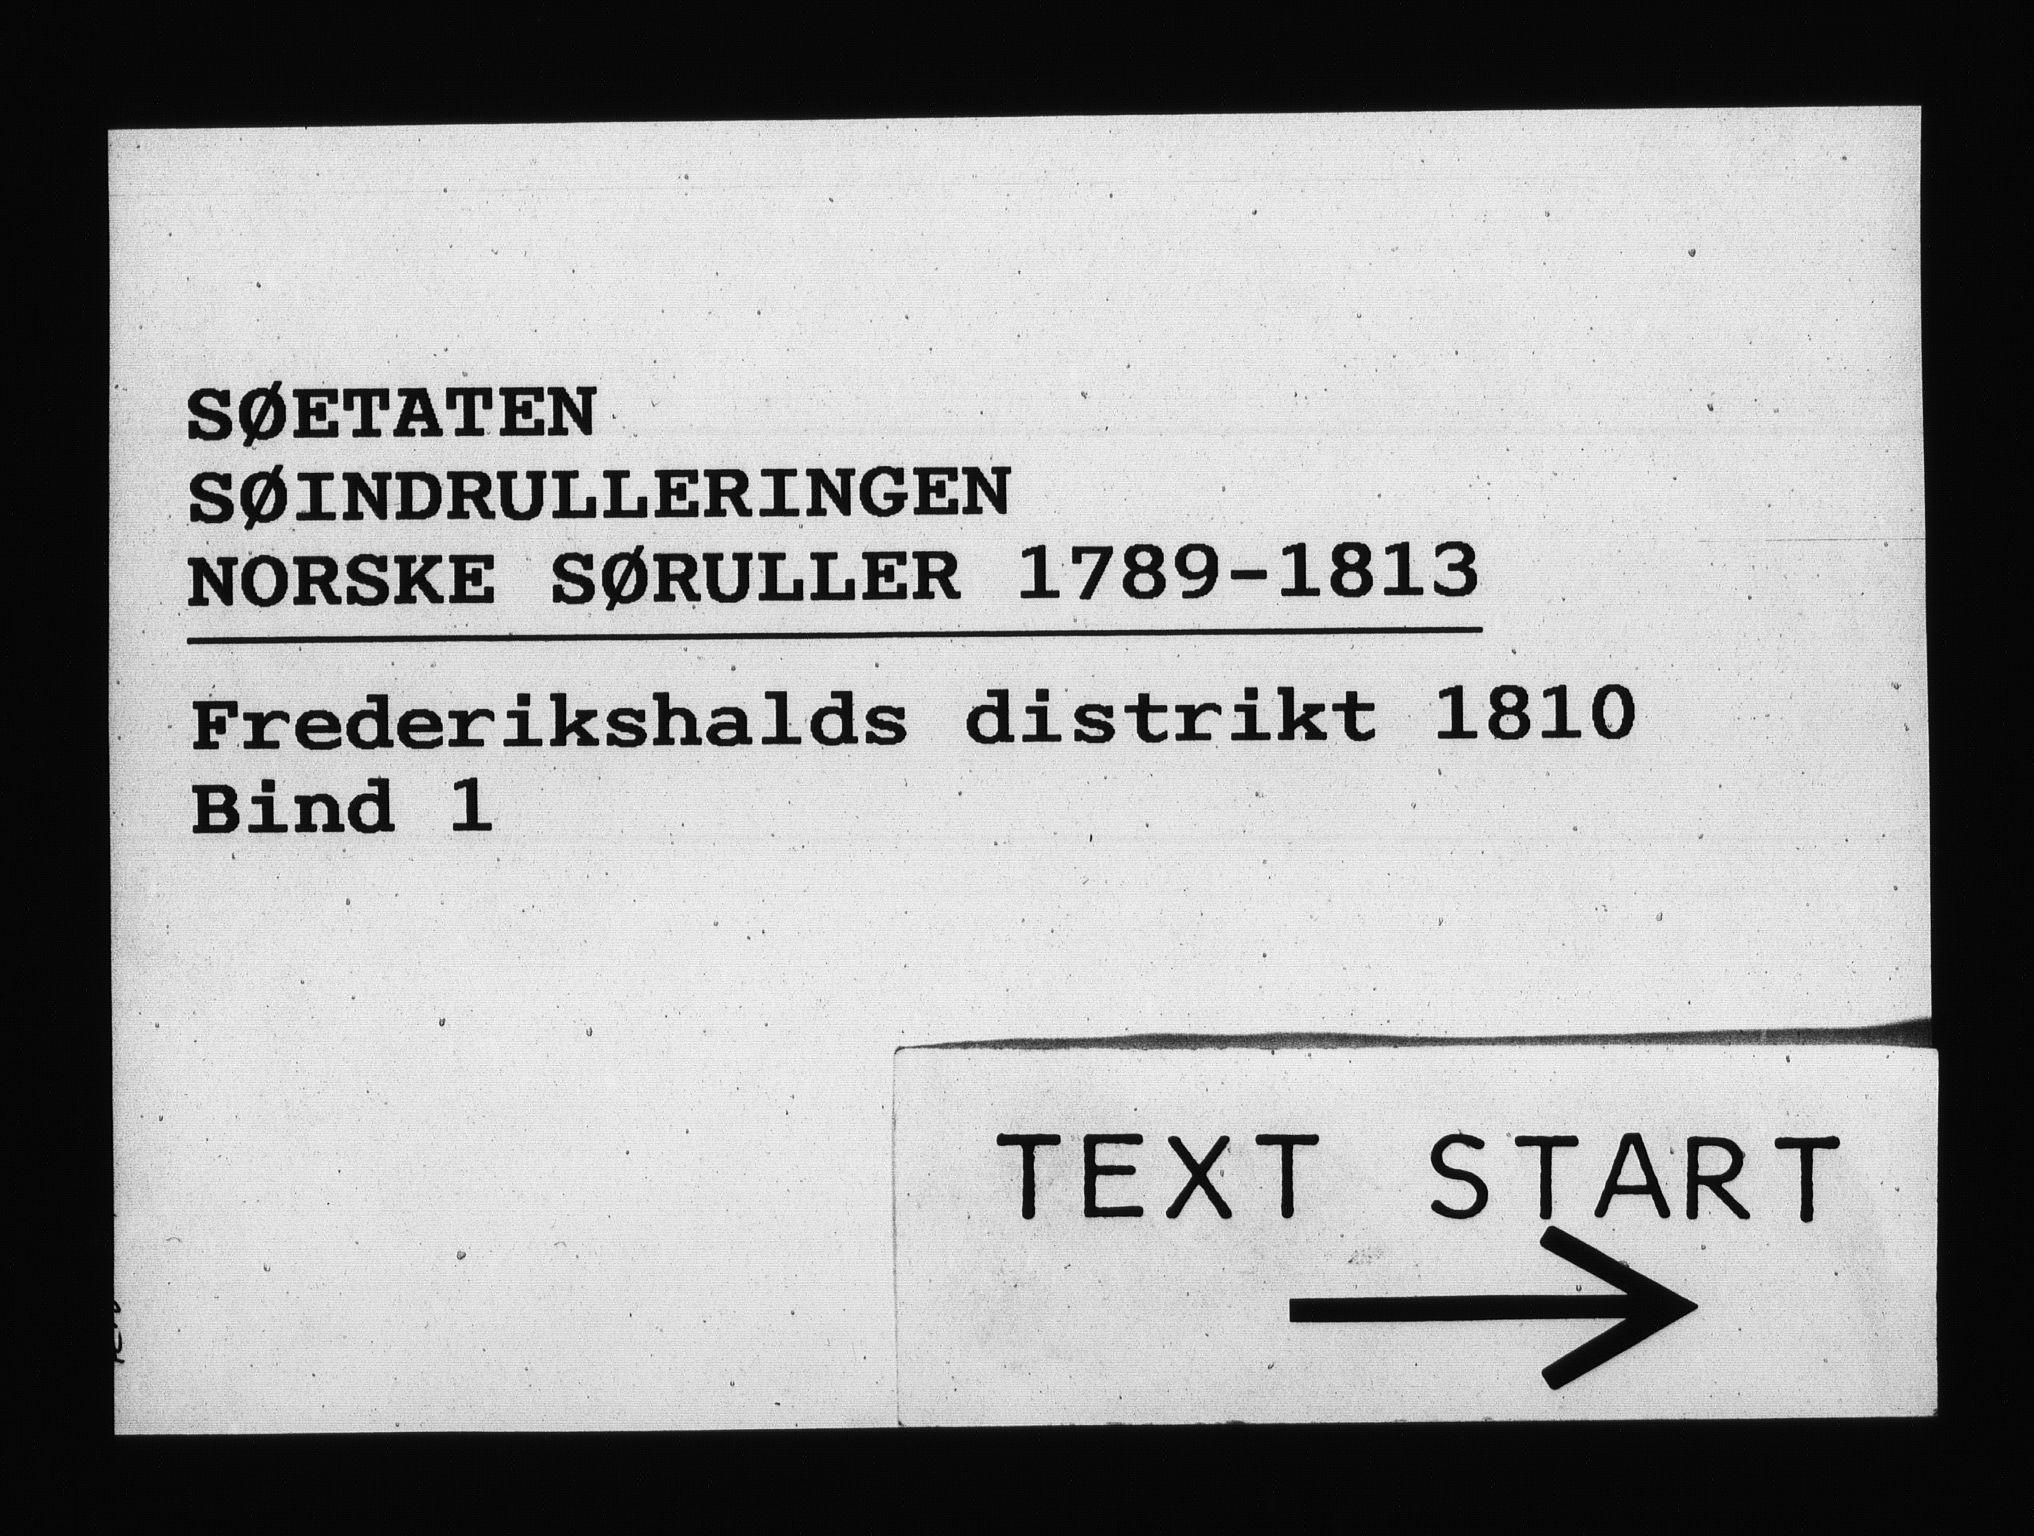 RA, Sjøetaten, F/L0203: Fredrikshalds distrikt, bind 1, 1810